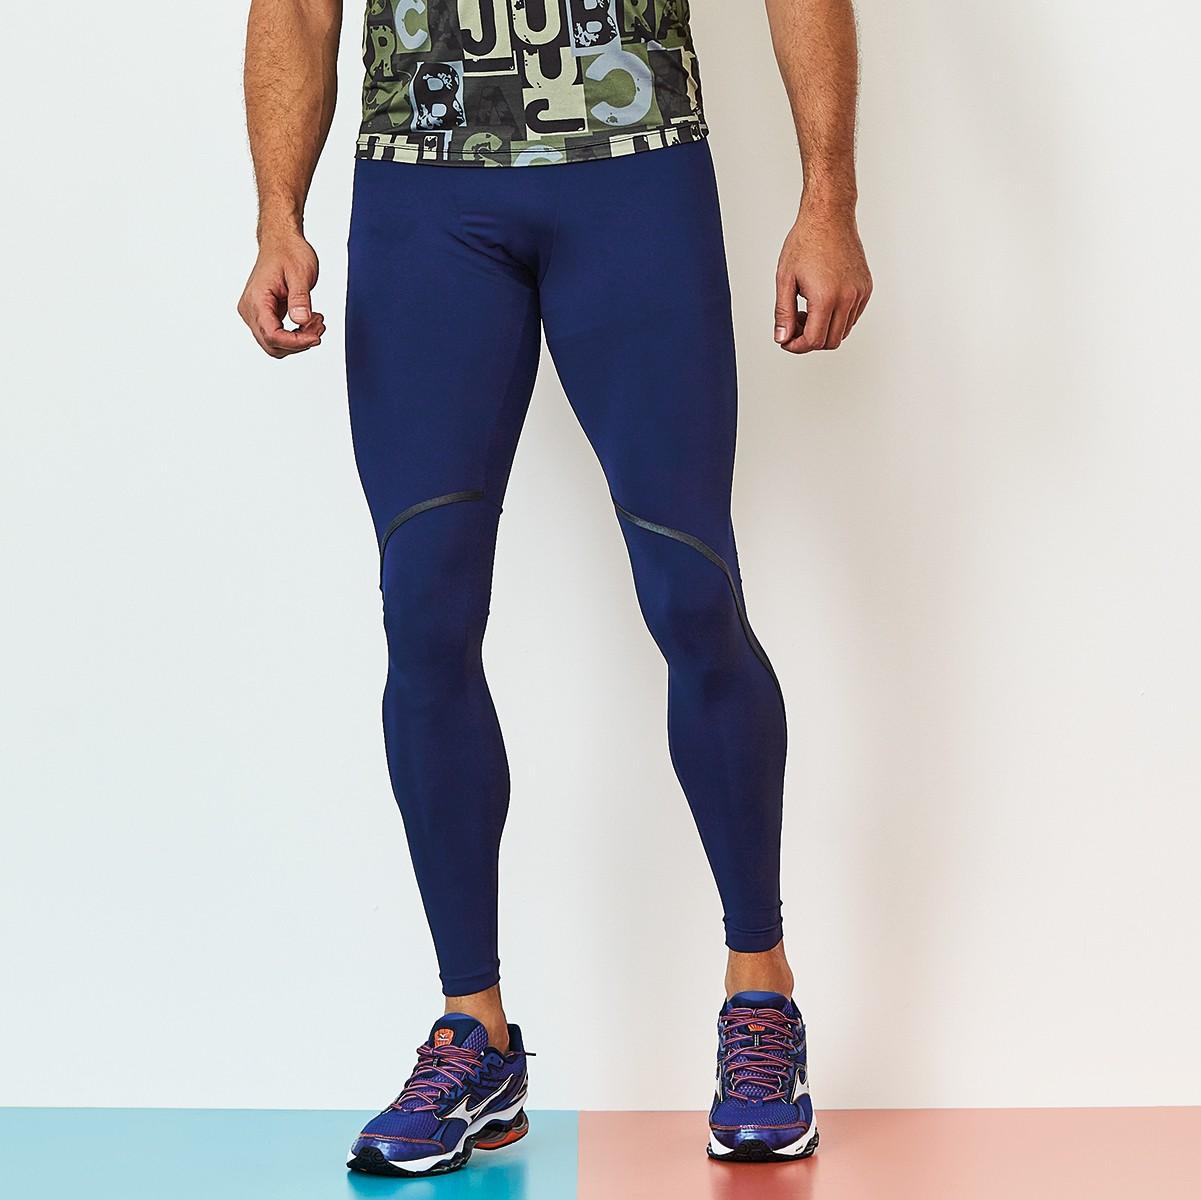 Legging Masculina Rock Run Azul CAJUBRASIL Activewear